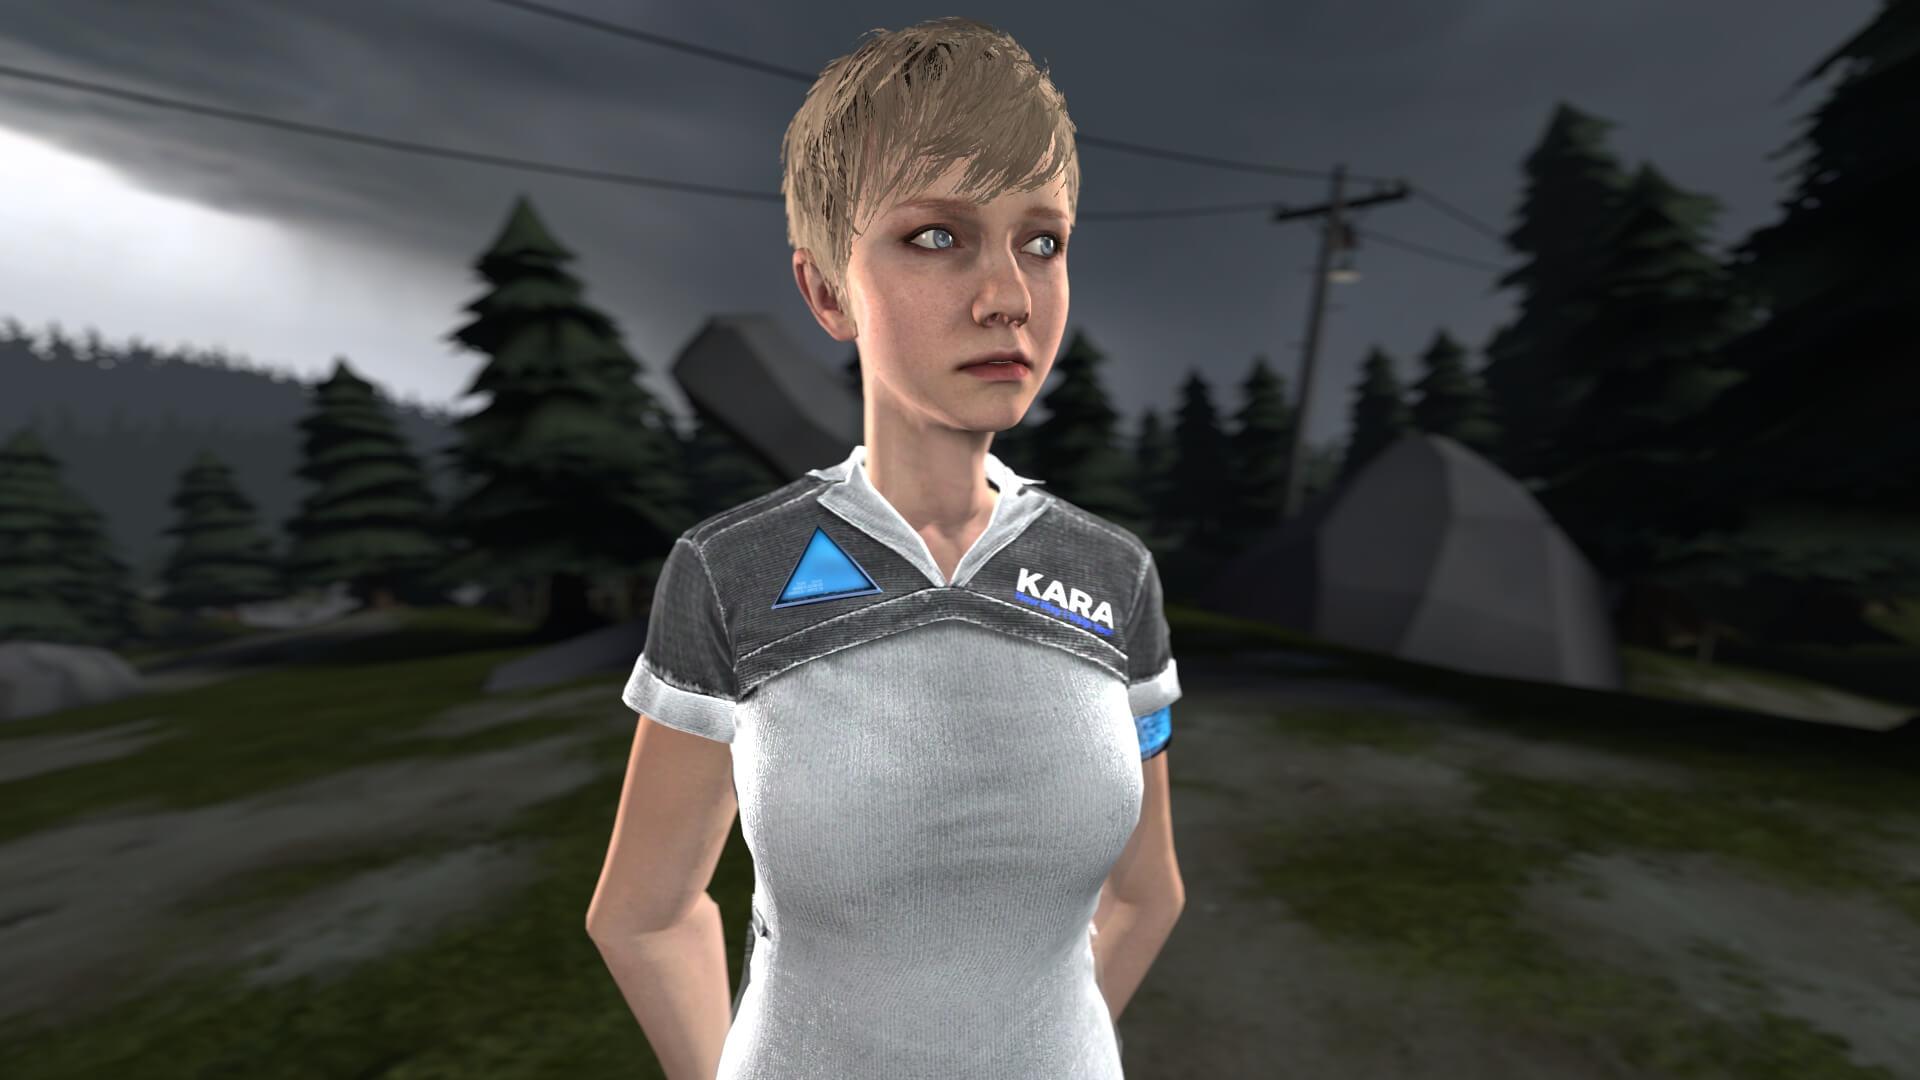 Garry's Mod - Кара из Detroit: Become Human (игровая модель и NPC)